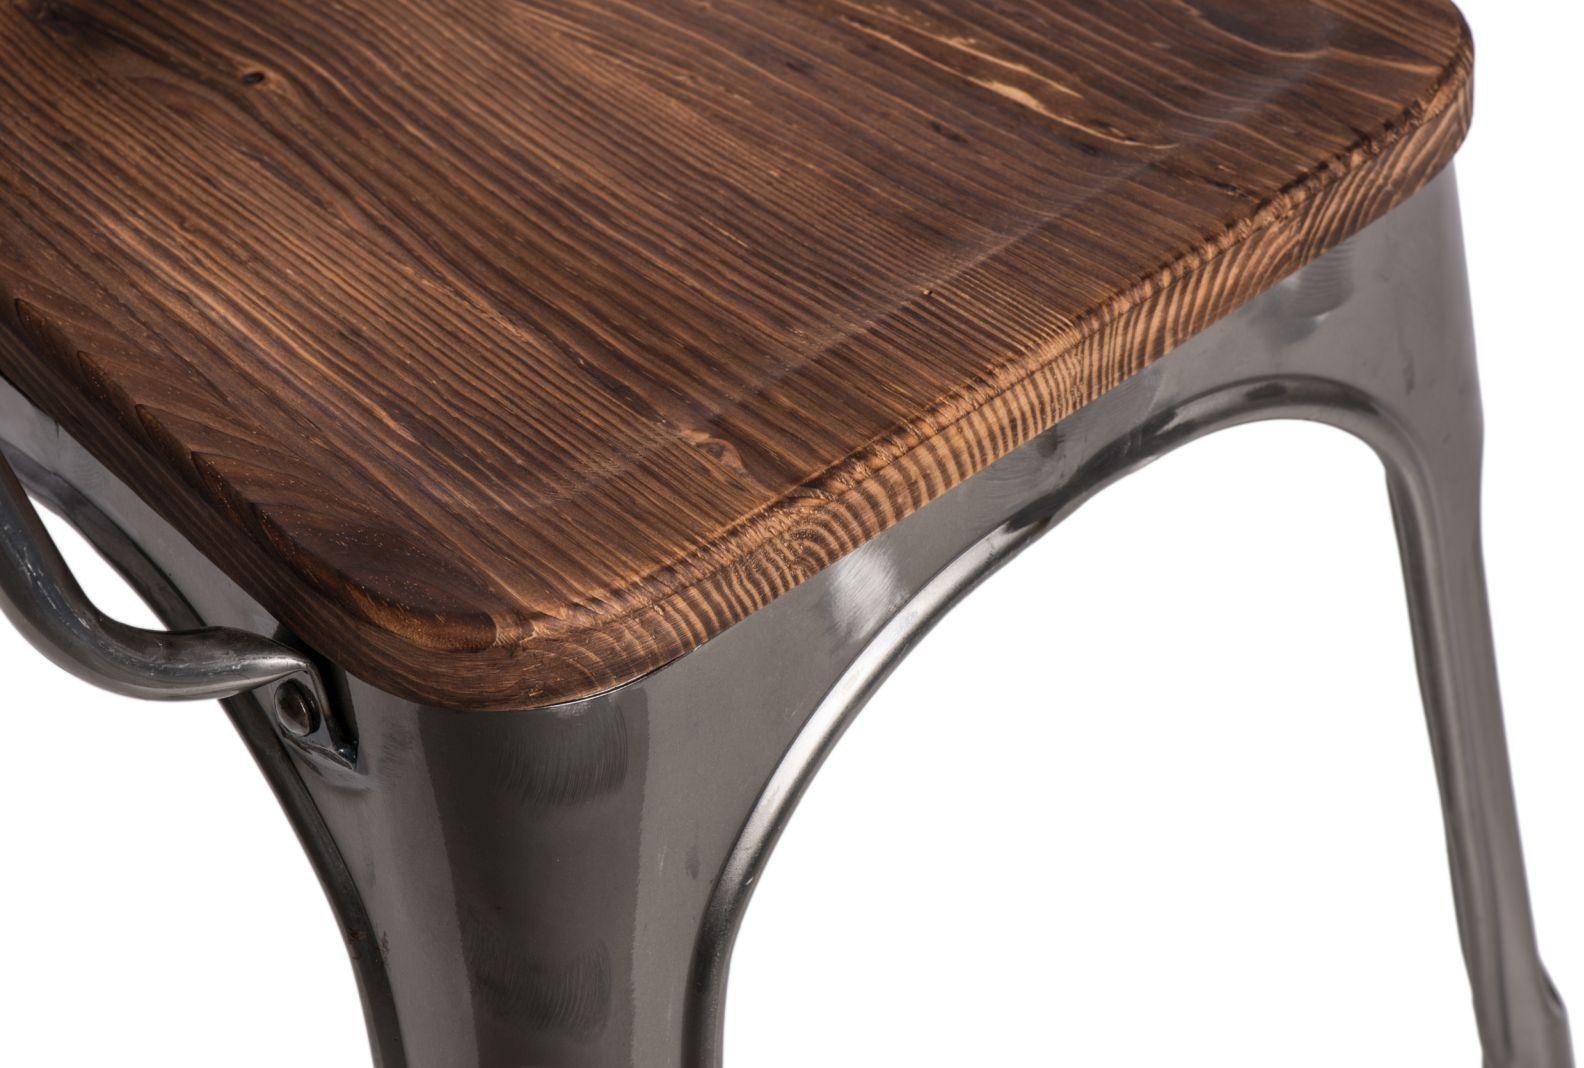 D2 Krzesło Paris Arms Wood metaliczny sosna